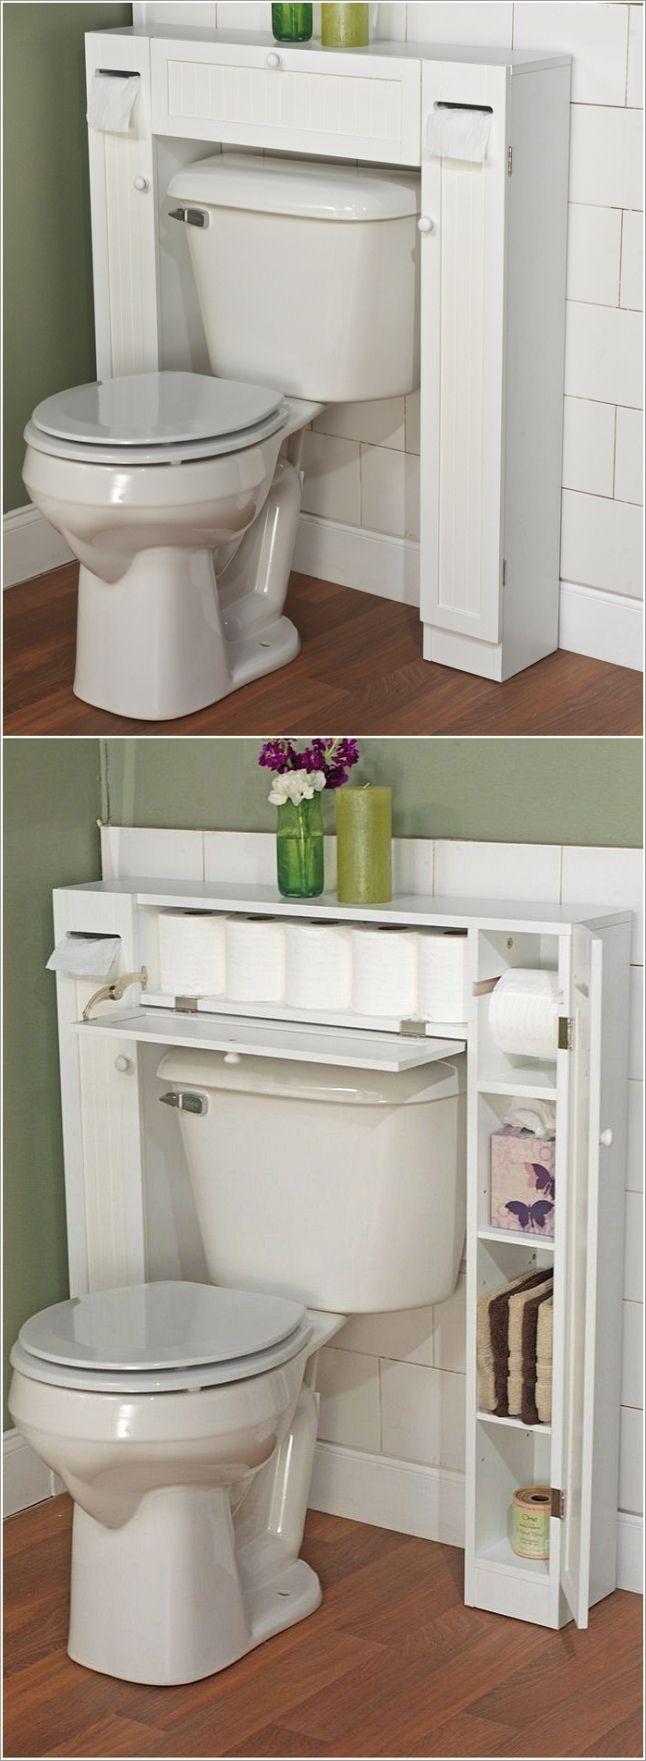 10 soluciones espl ndidas para ahorrar espacio en tu ba o diy pinterest haus badezimmer - Diy badezimmer ...